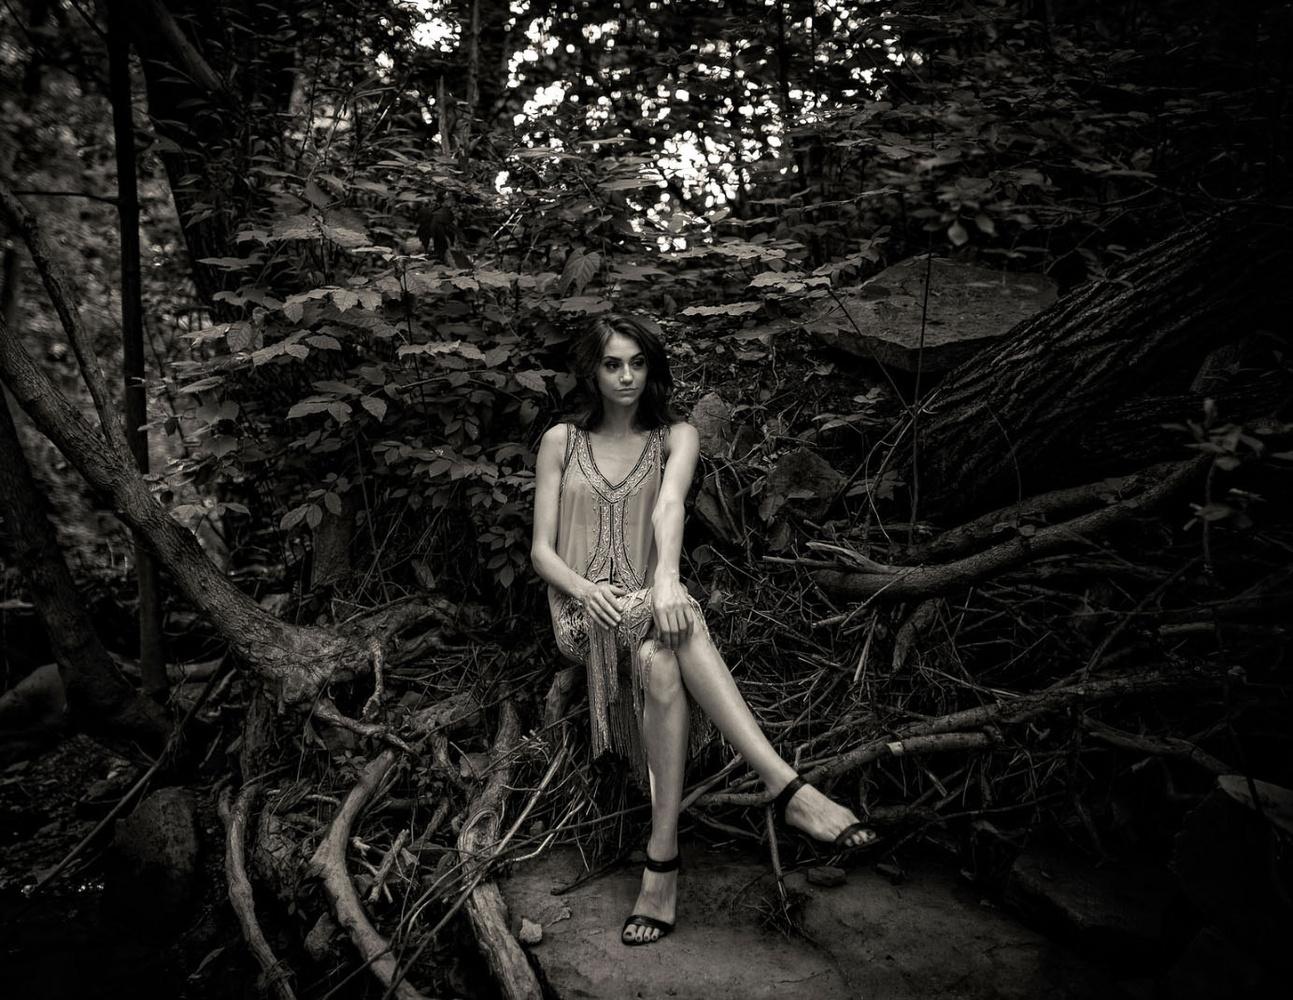 Forest Fashion by Ian Pettigrew